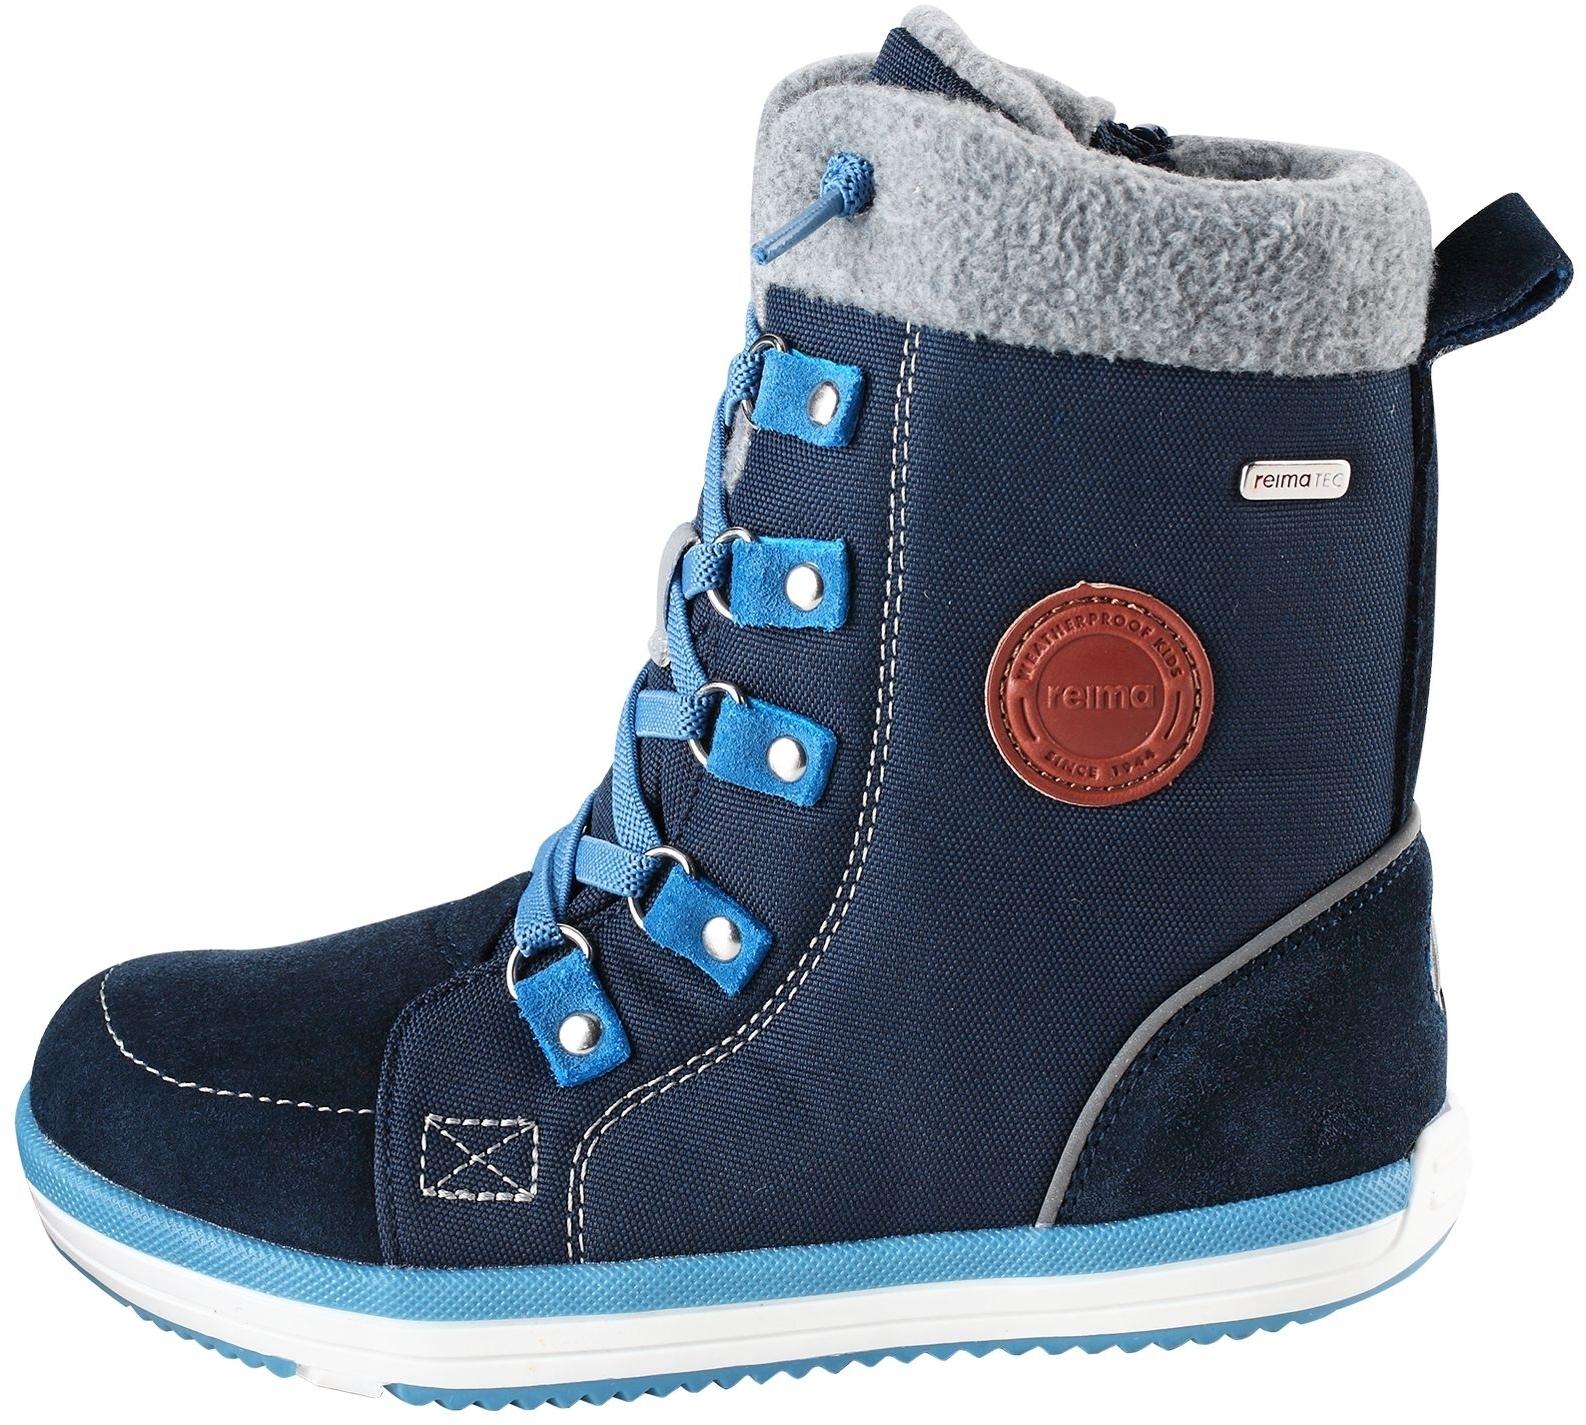 c40eda8adb9 Dětské membránové boty Reima Freddo - navy - Skibi Kids